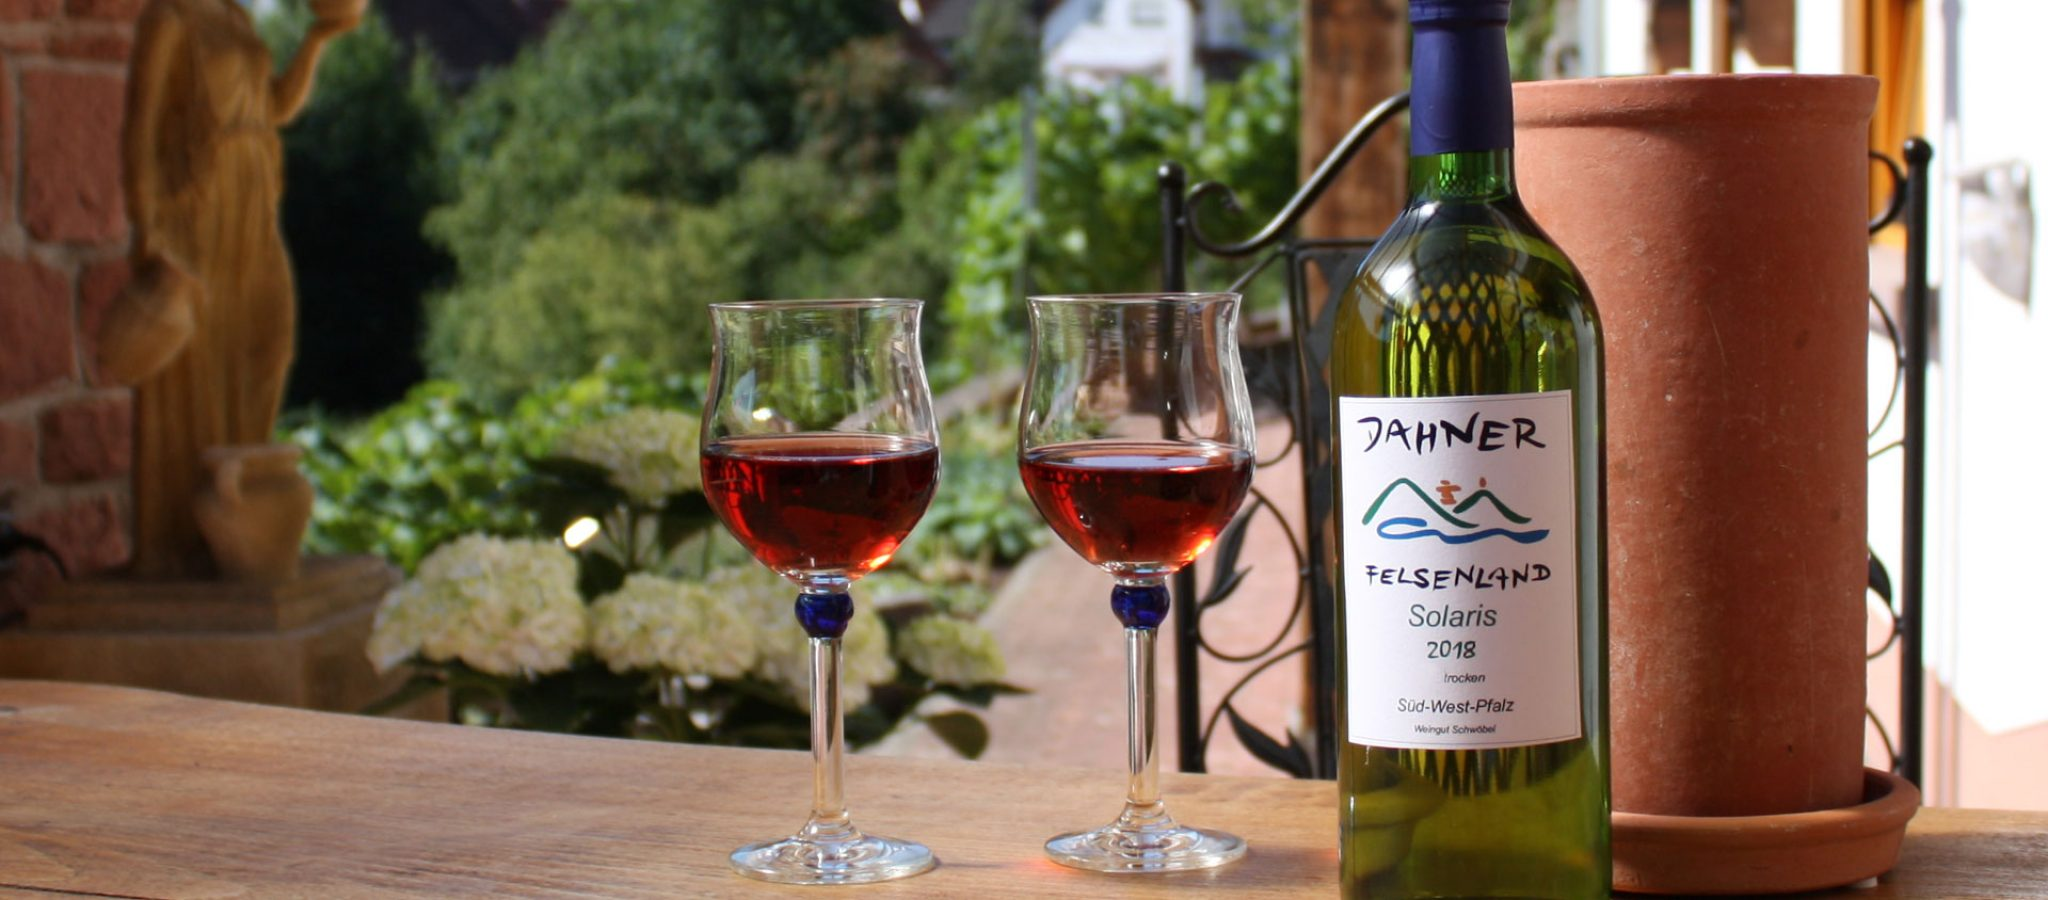 Terrasse mit Weingläsern